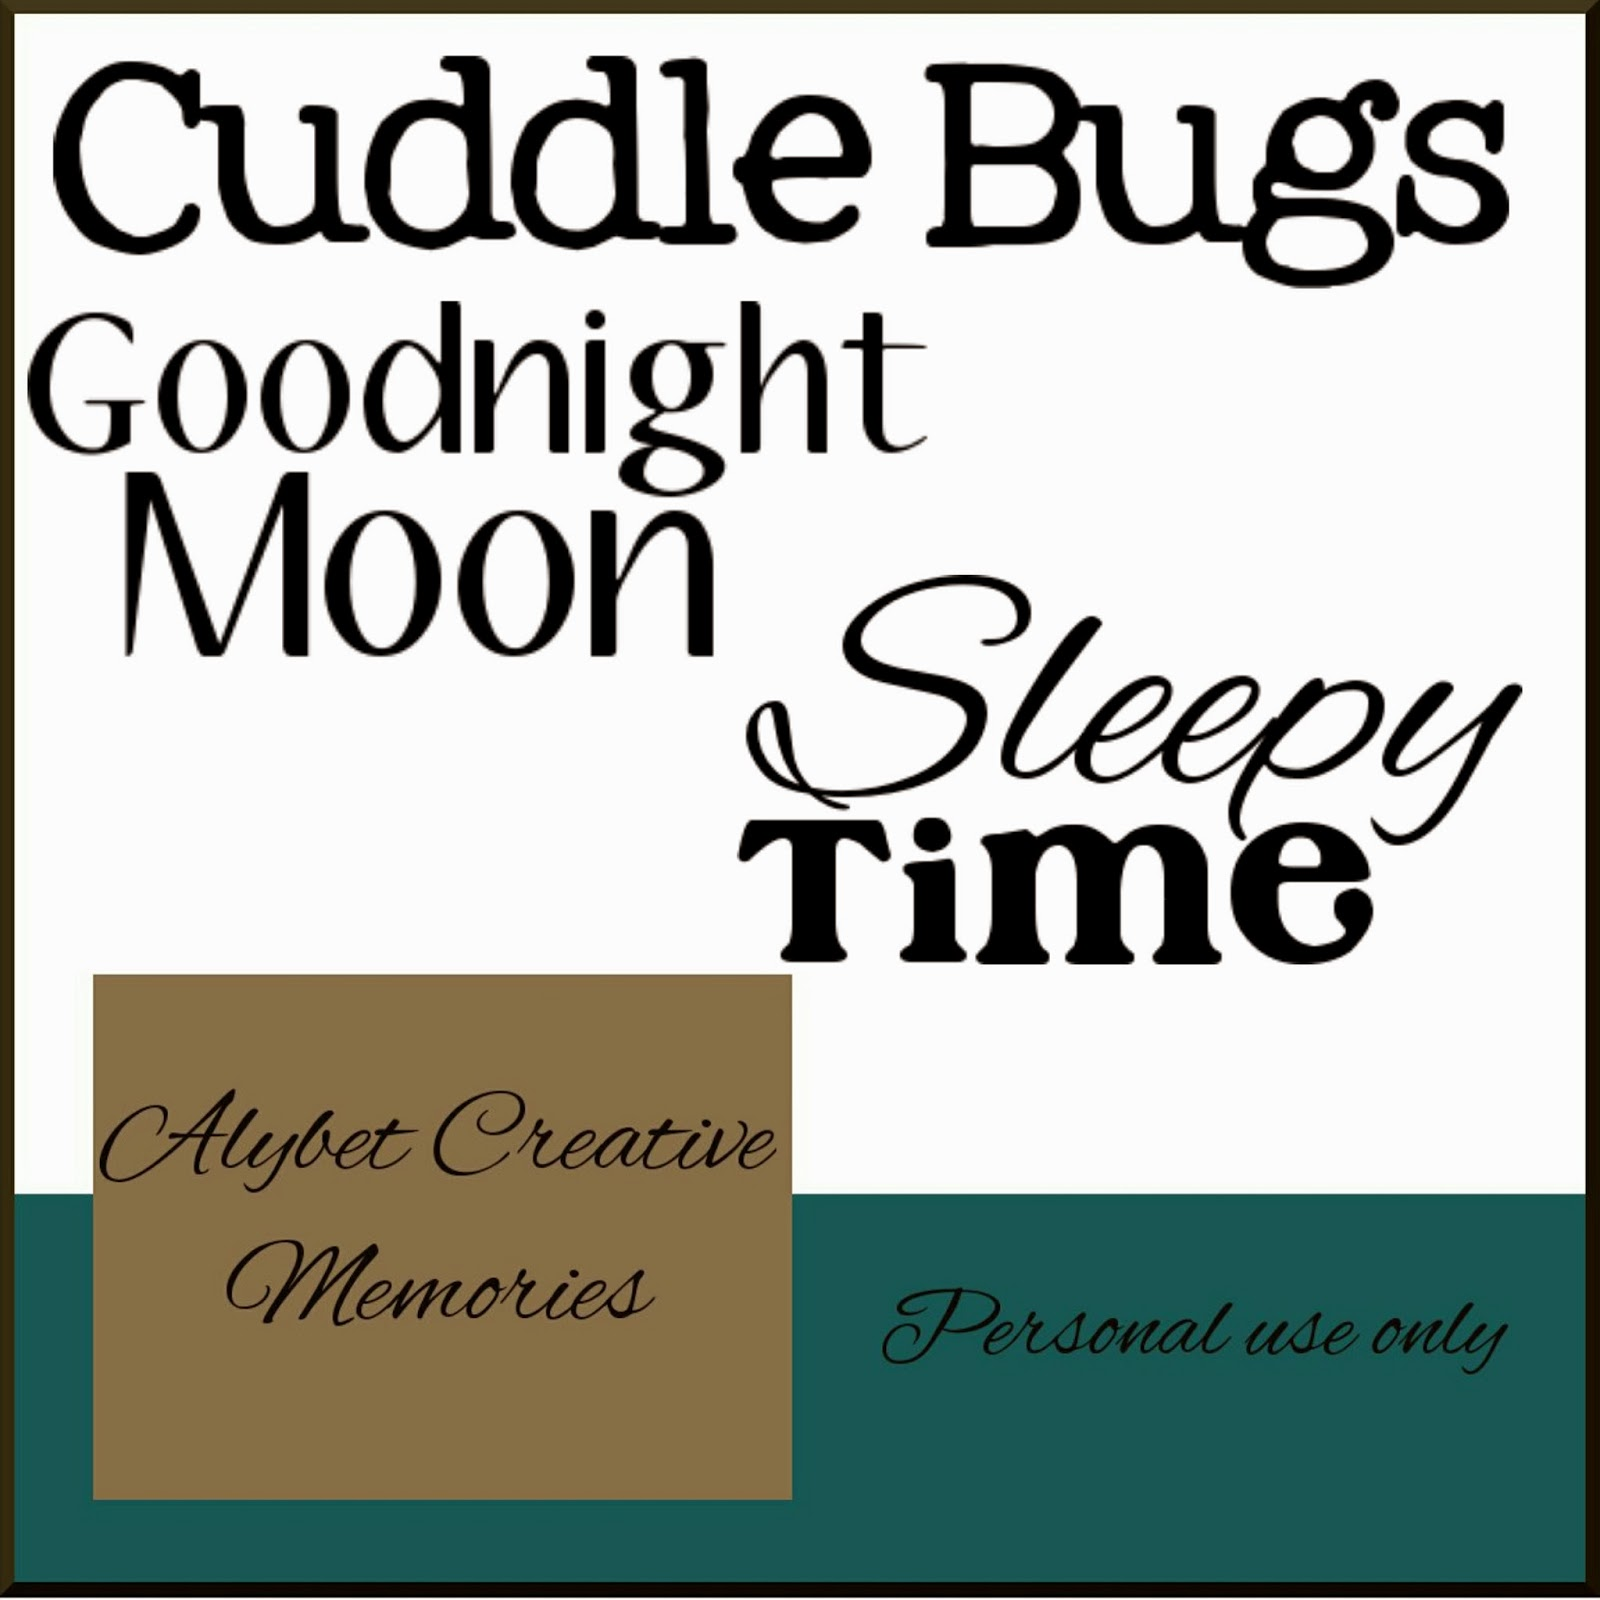 http://2.bp.blogspot.com/-uXzwnBW-tqg/Uwh0JeEysKI/AAAAAAAADfU/R-8QkfX5olo/s1600/Sleep_alybet.jpg